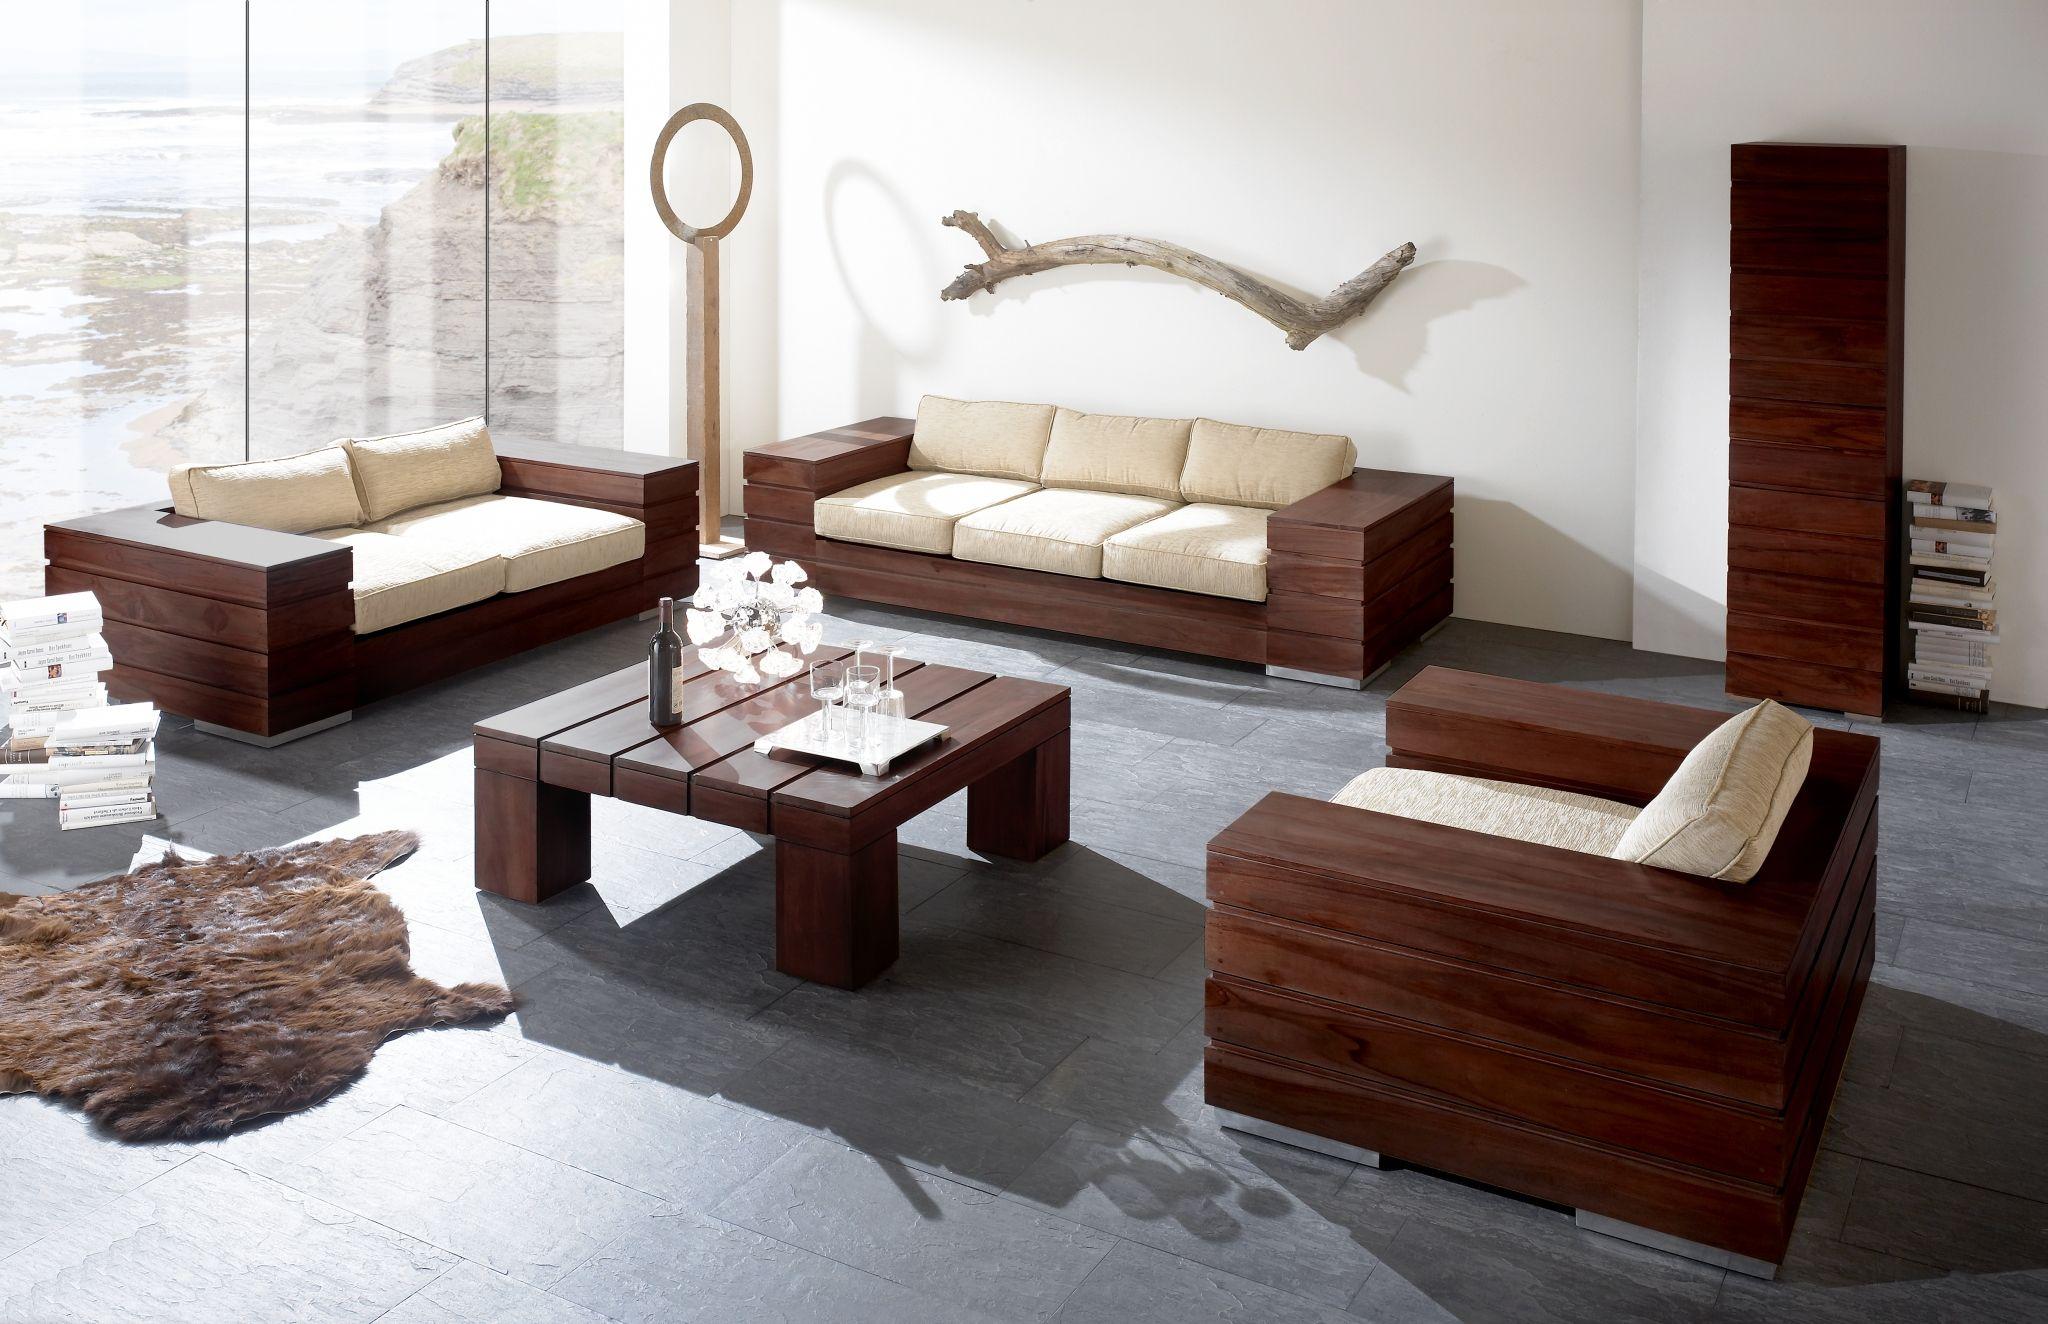 Lounge möbel wohnzimmer stil teak liege set design sofas style